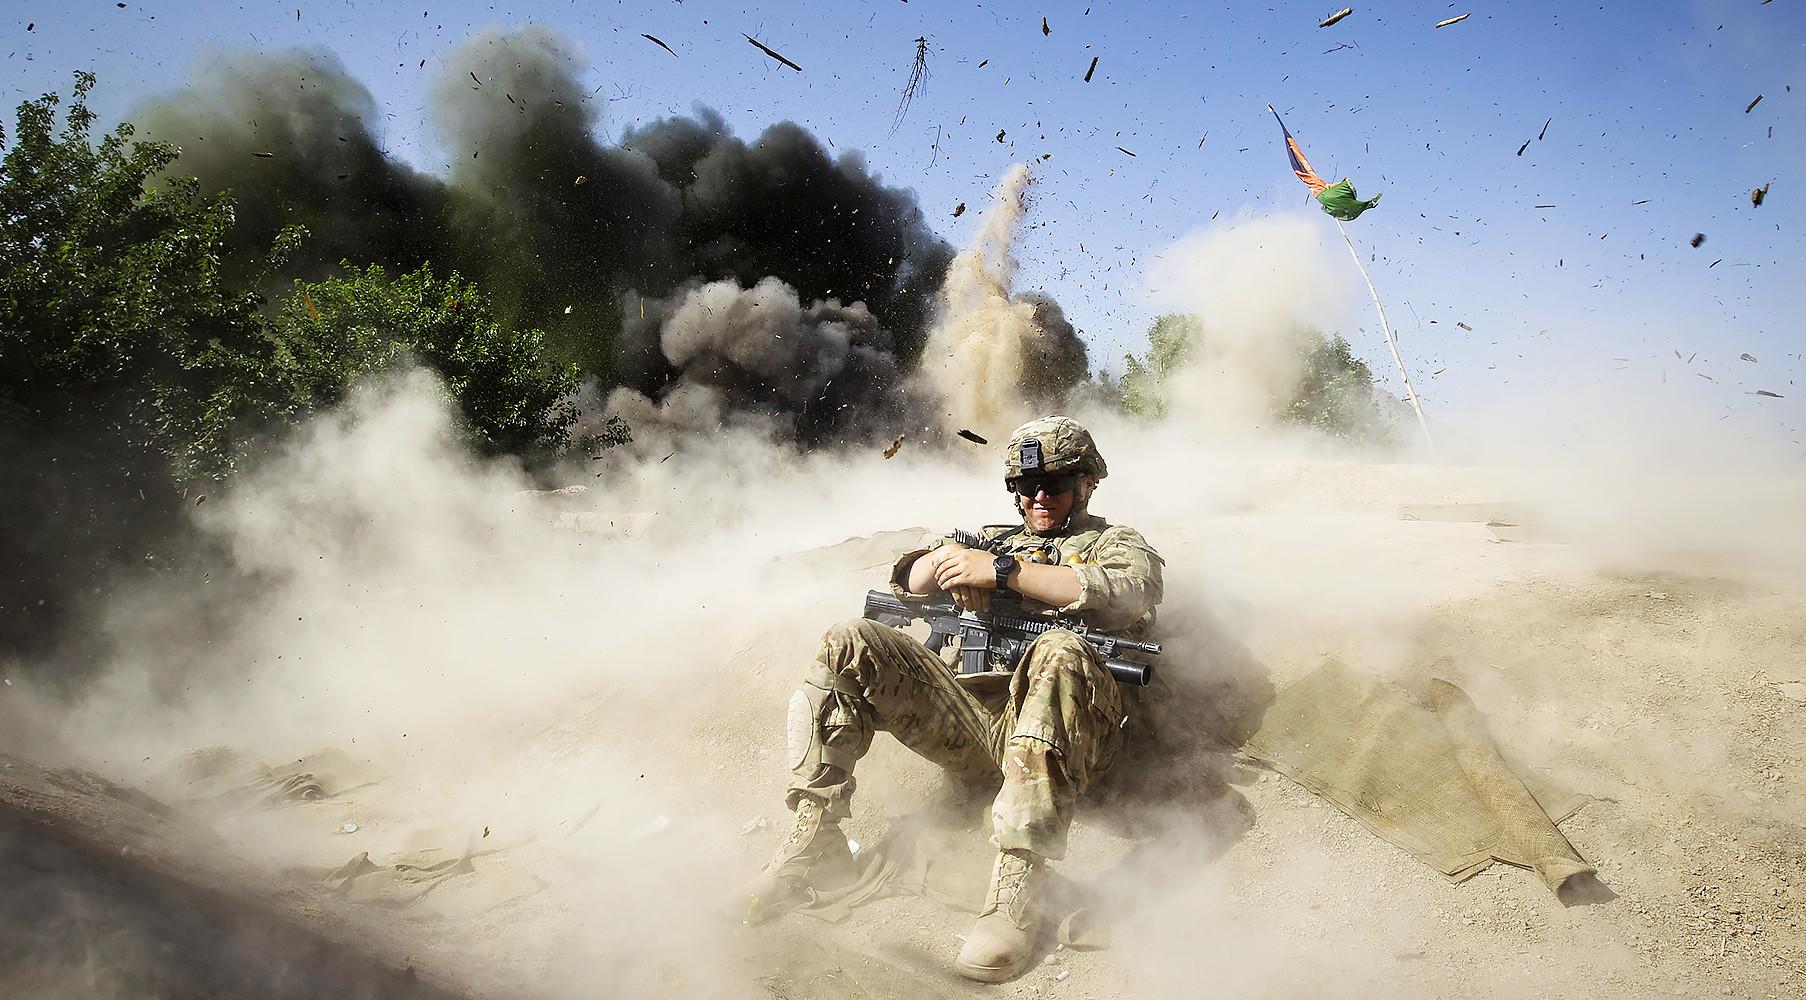 В США не смогли отчитаться, куда идут многомиллионные гранты в Афганистане